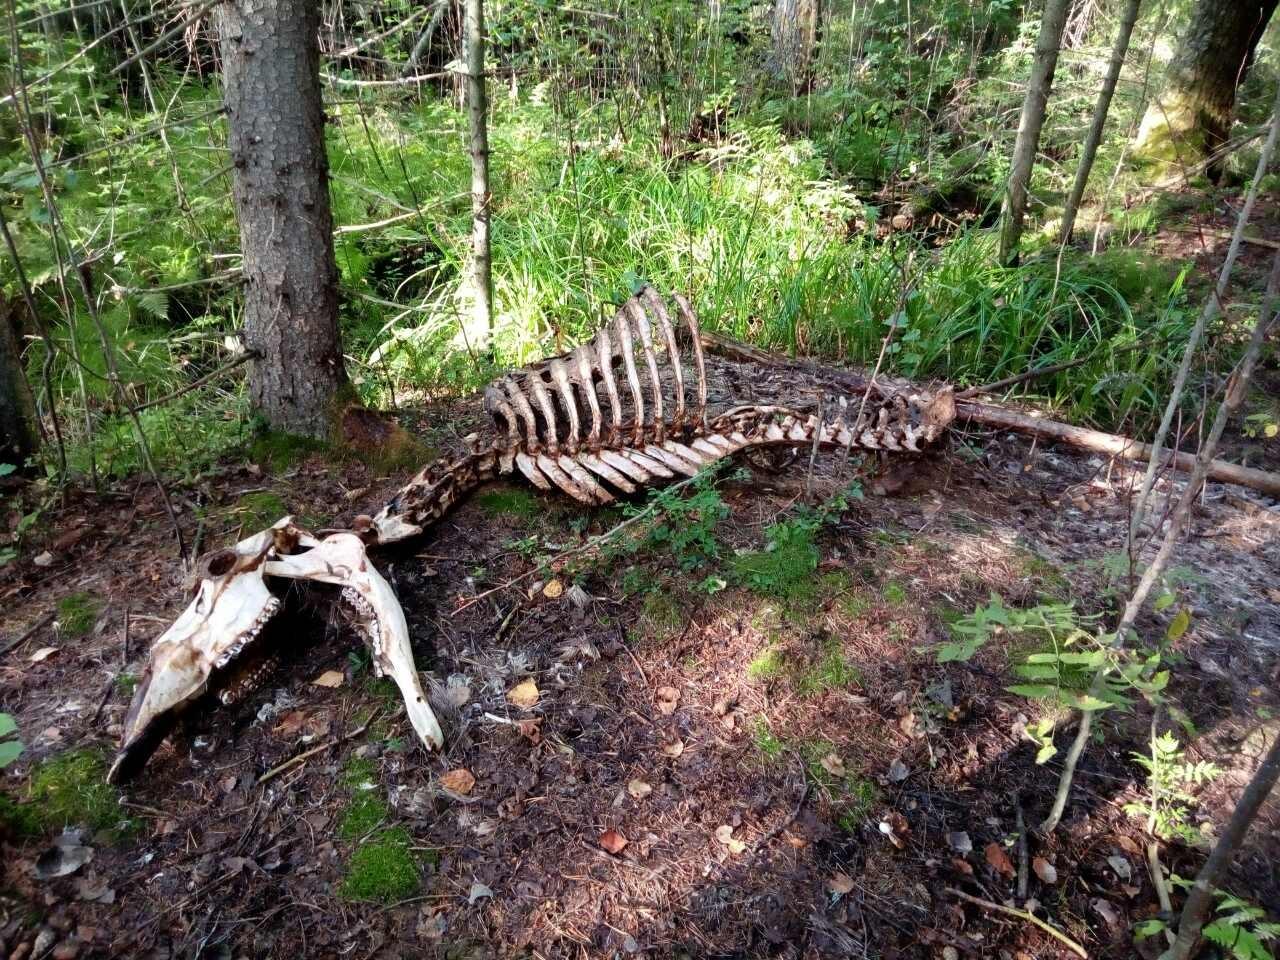 Увидели кости и побросали корзины: в Даниловском районе грибников напугала страшная находка